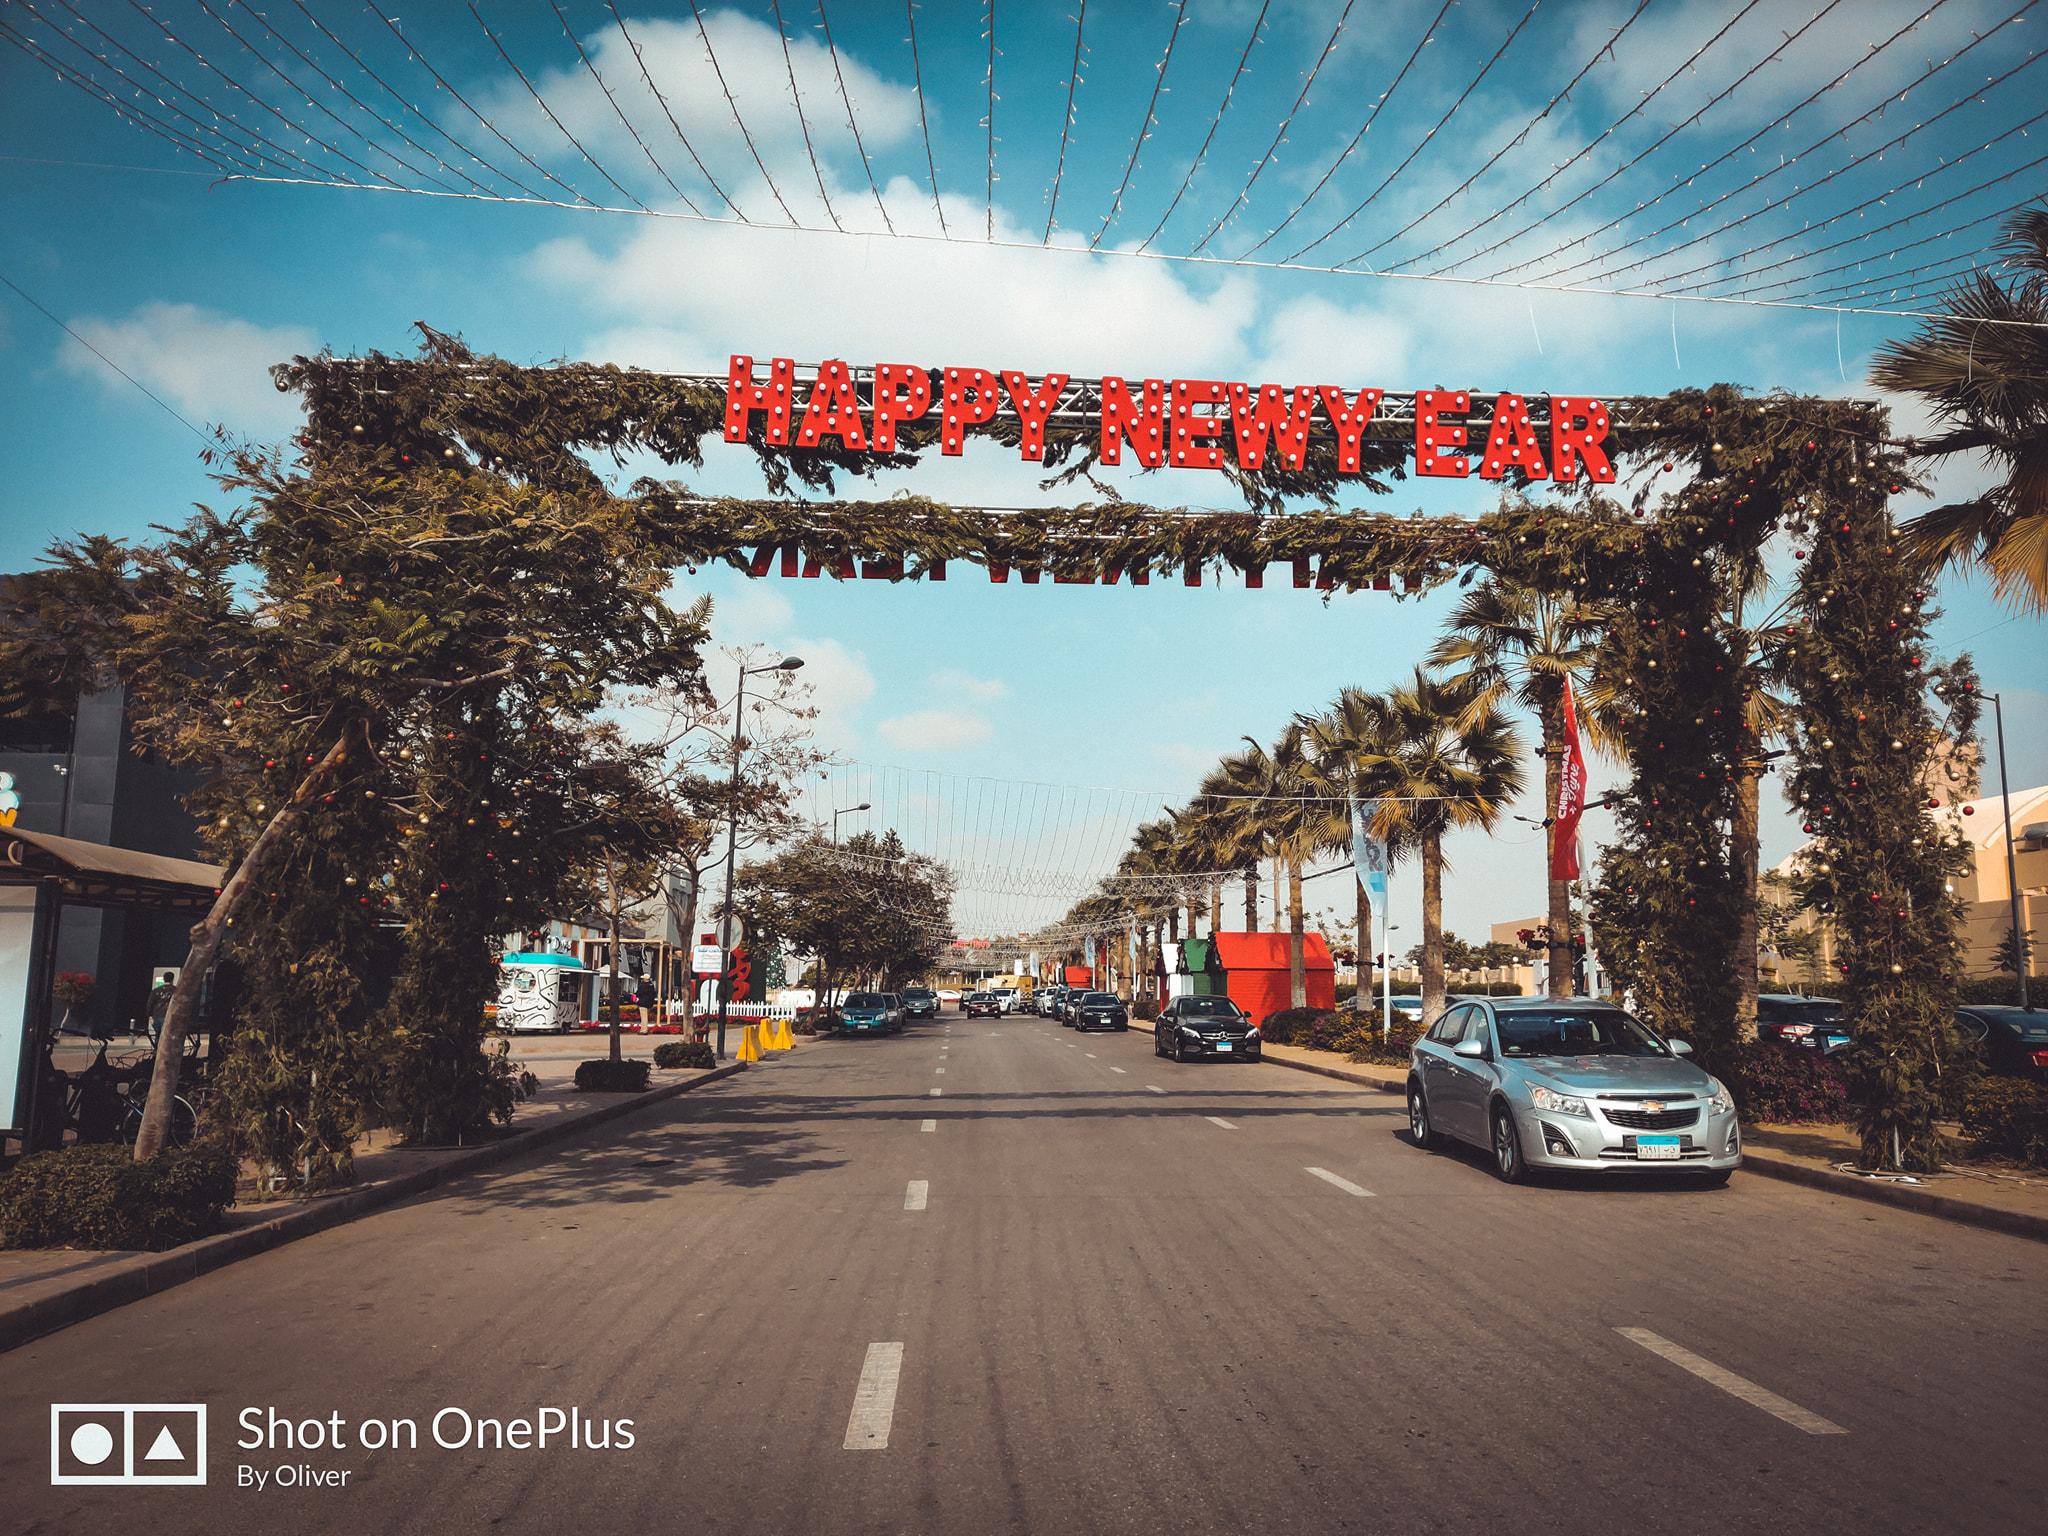 منافسة قوية في احتفالات راس السنة 2021 في مصر